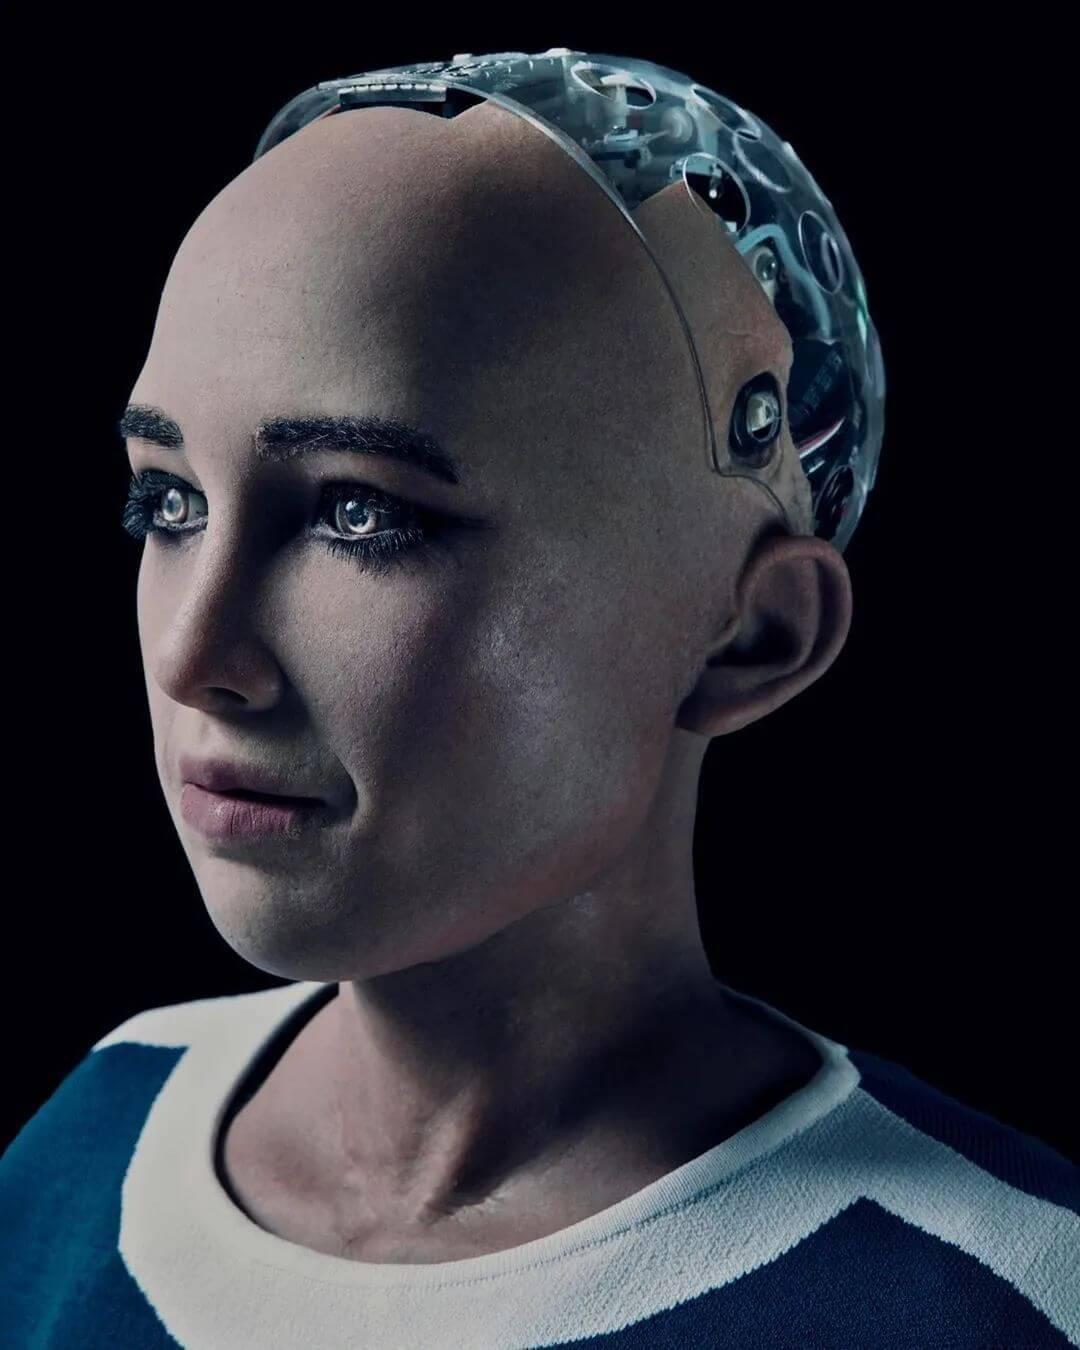 为什么人类会迷恋机械-BlueDotCC, 蓝点文化创意